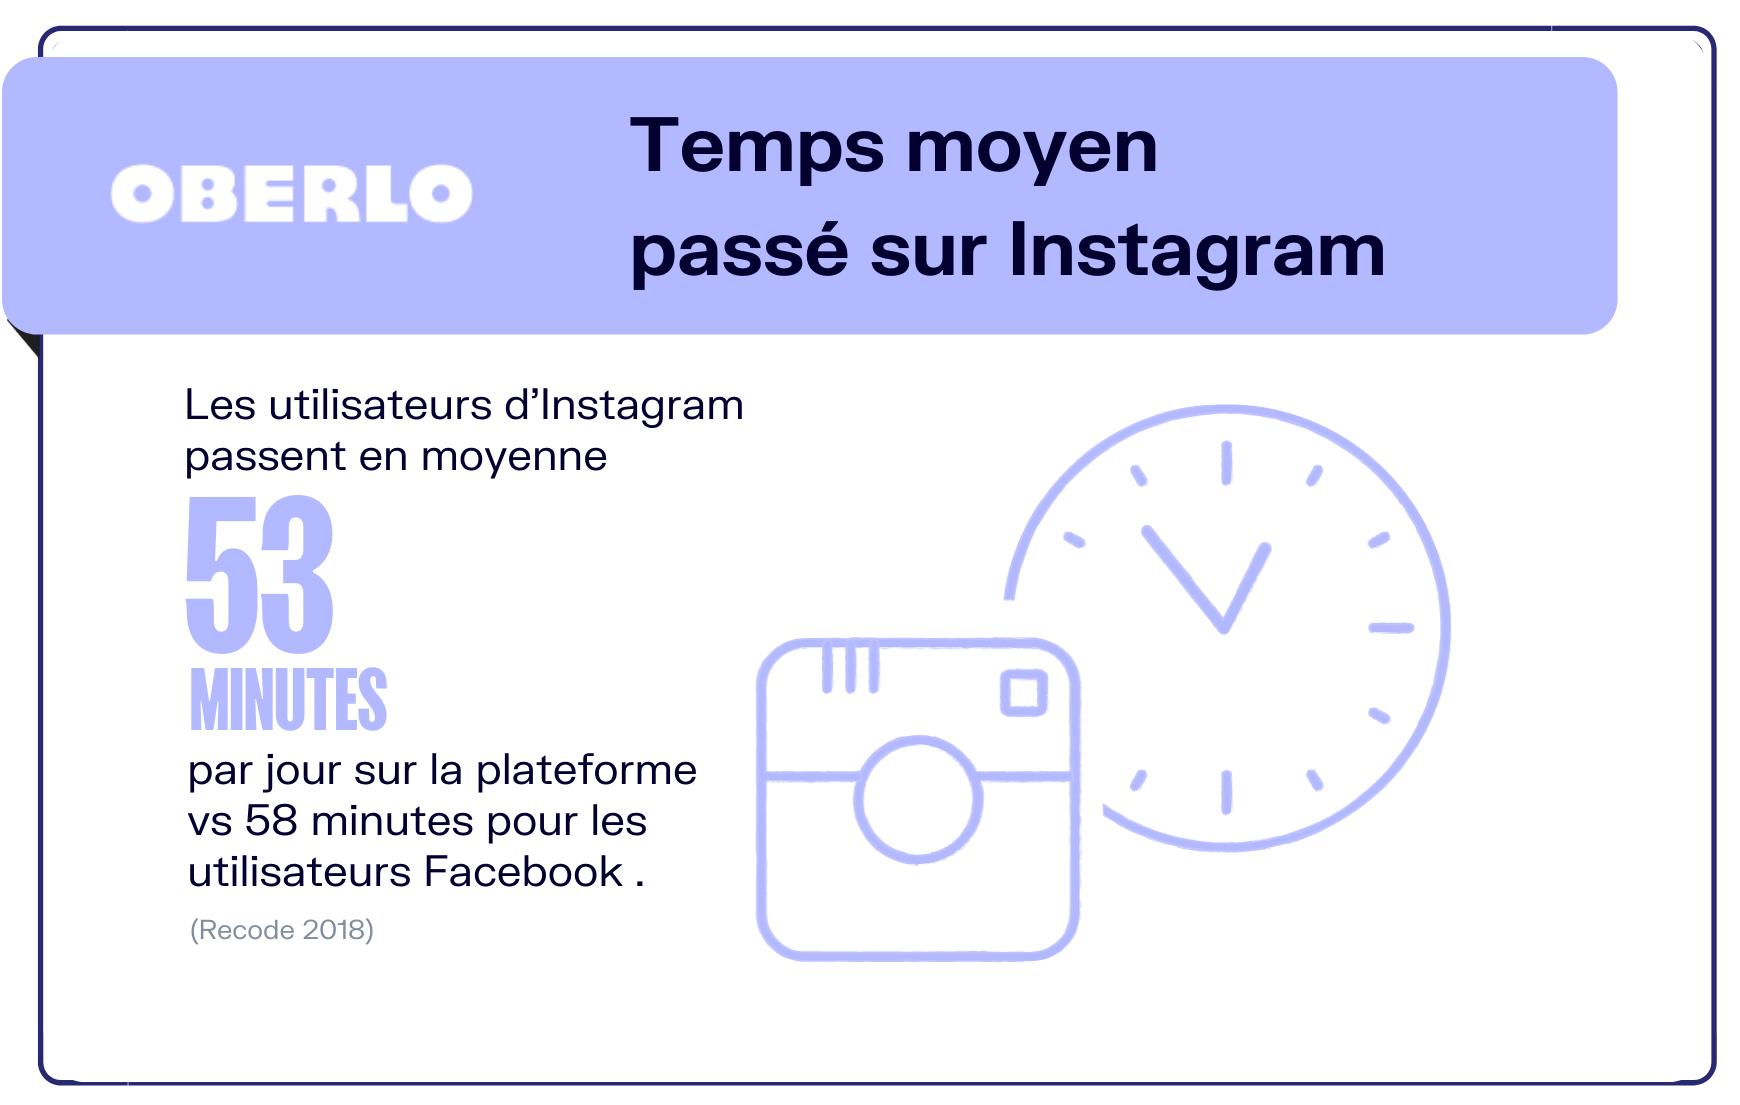 Le temps passé chaque jour sur Instagram